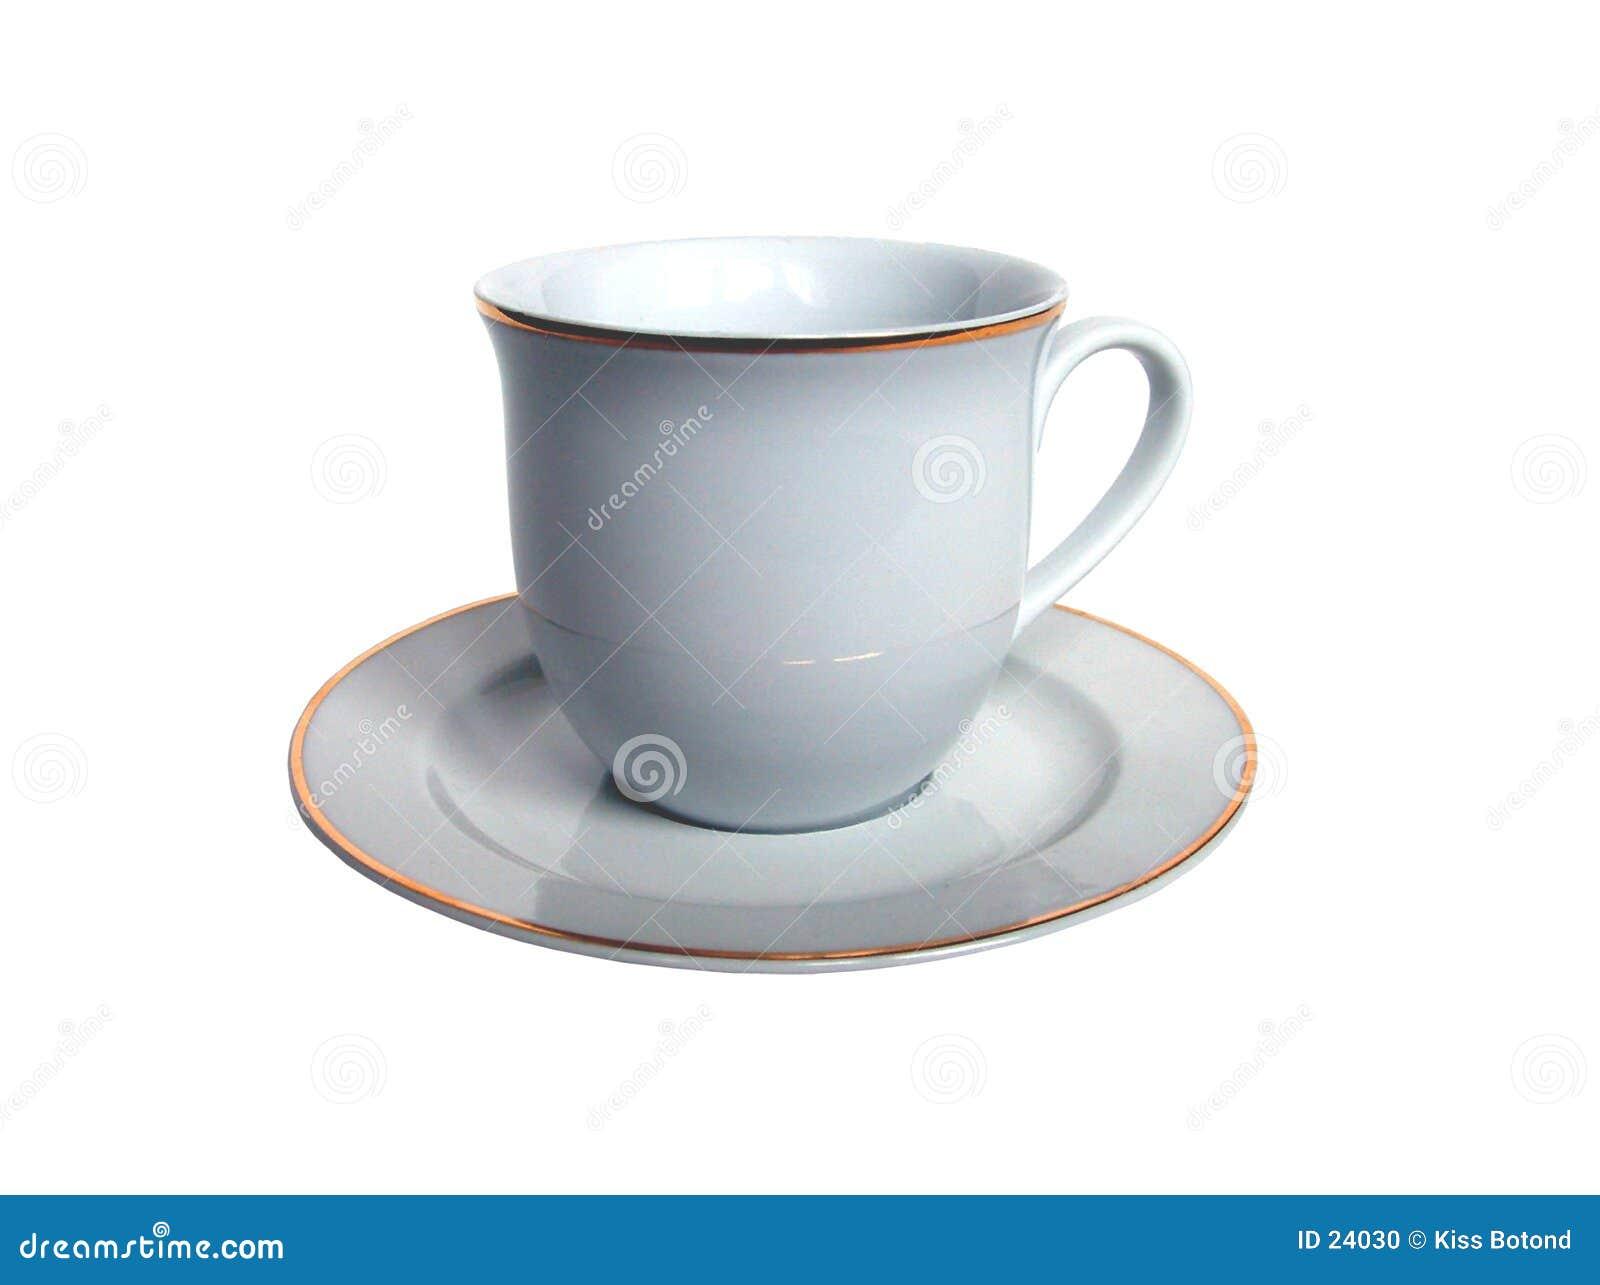 Caffecup tradycyjne